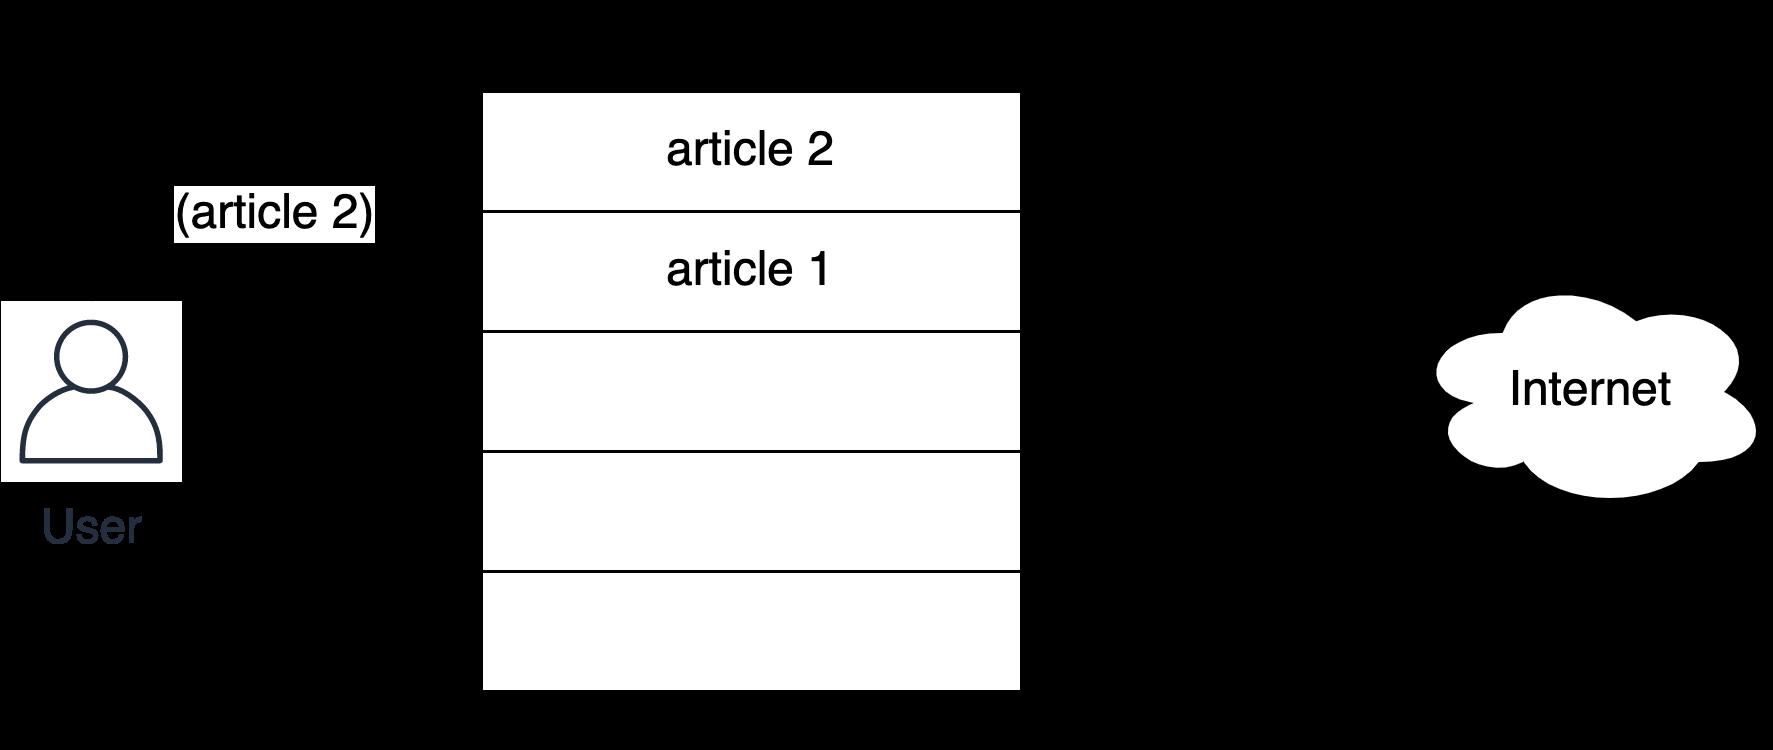 Процесс заполнения LRU-кэша, шаг 2